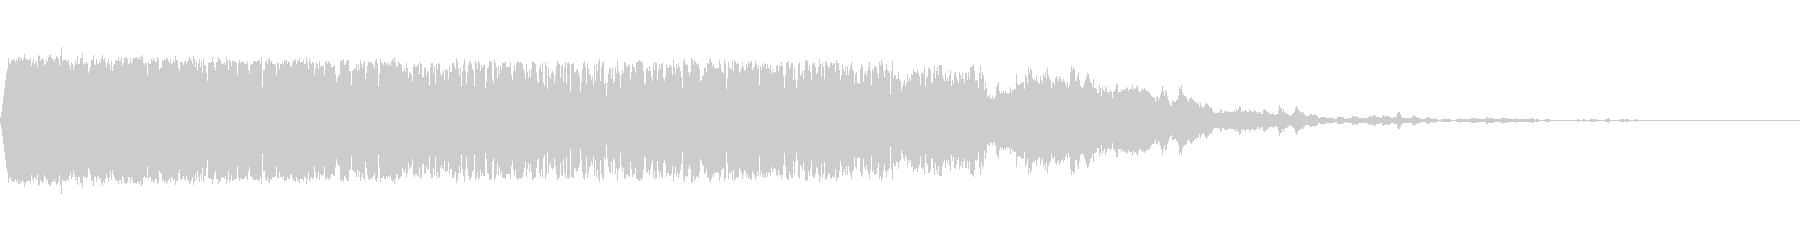 レーザーヒット、ロング6の未再生の波形